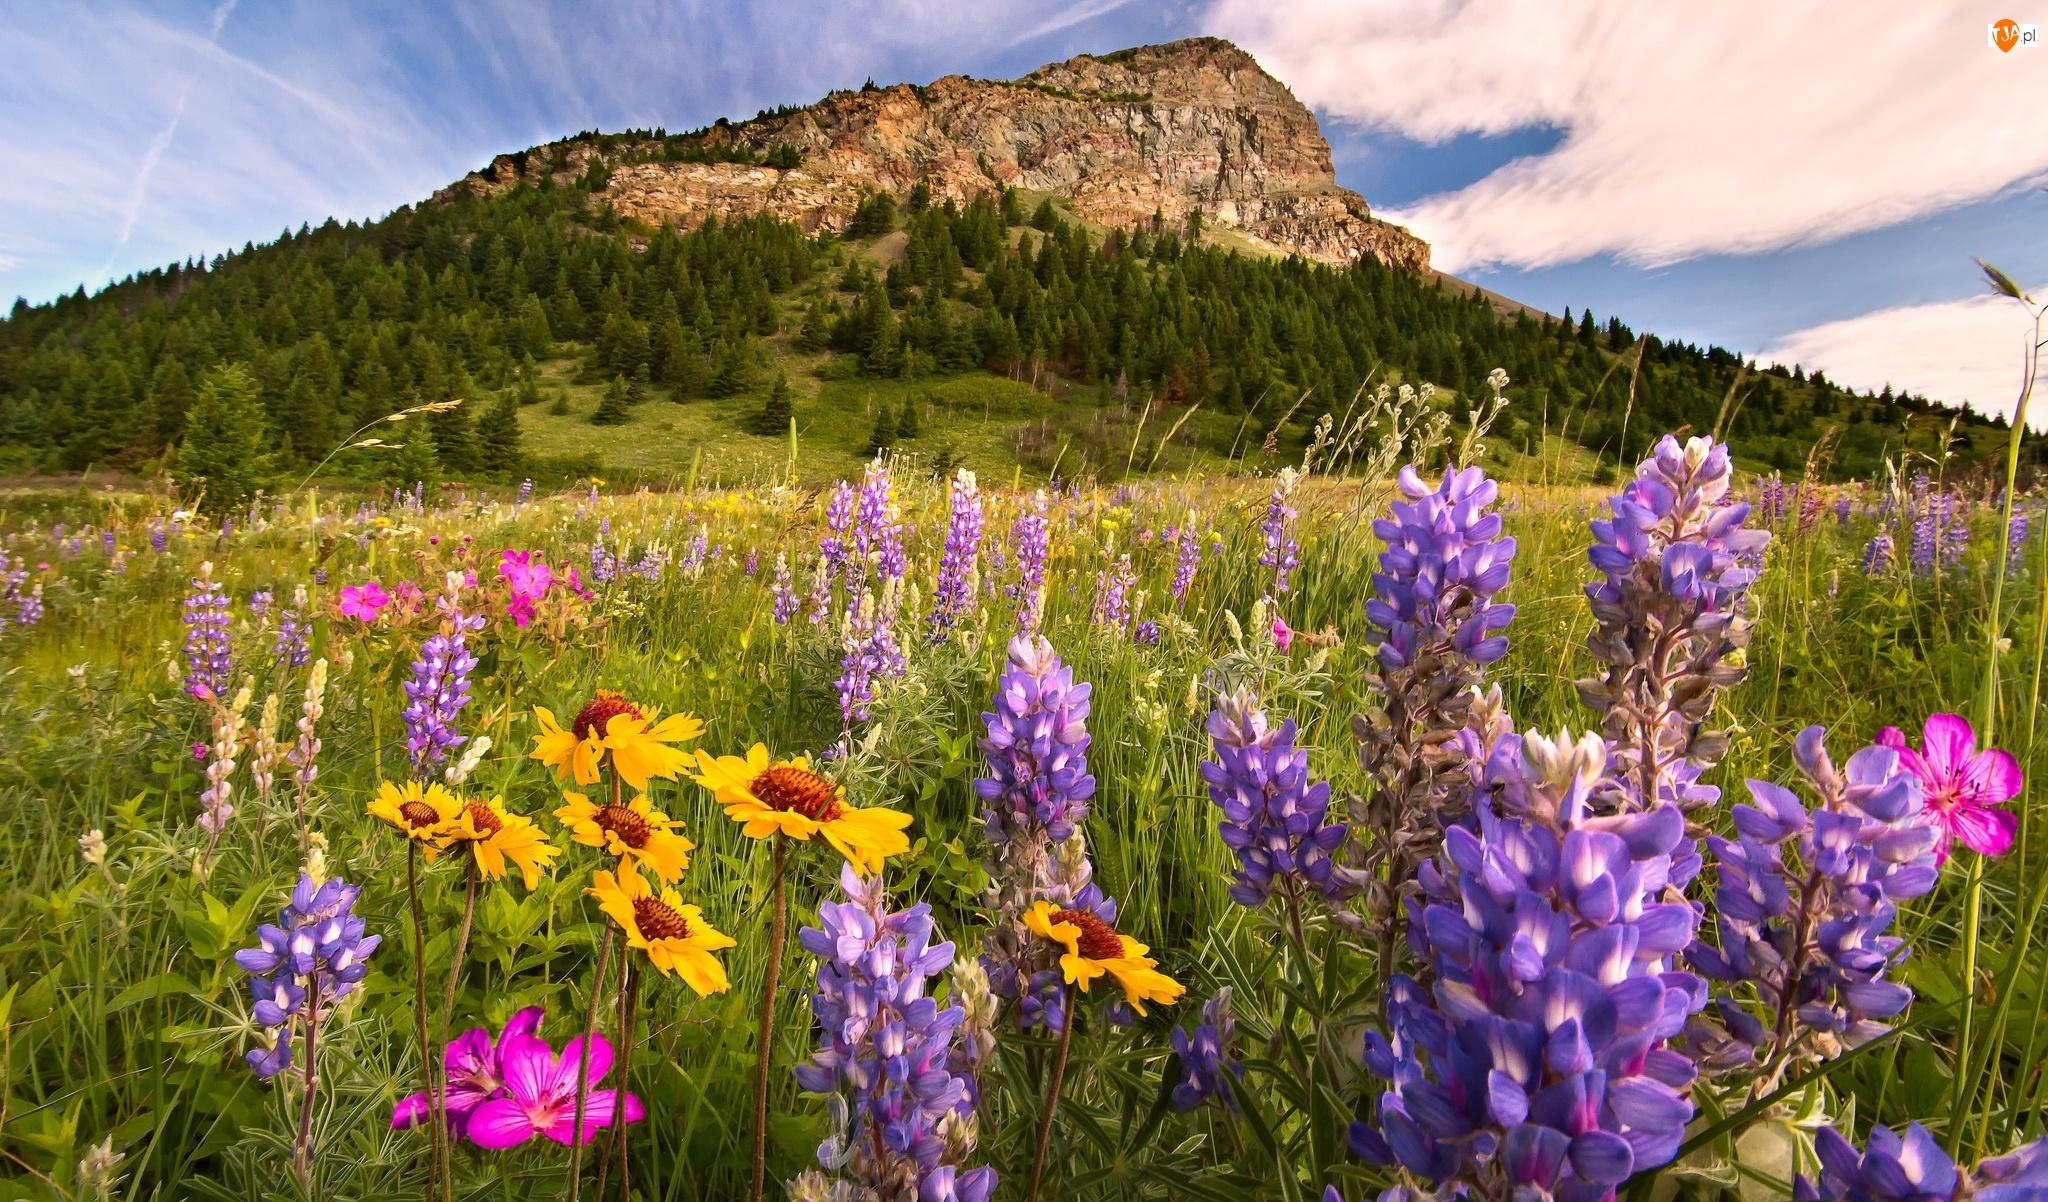 Prowincja Alberta, Kanada, Góry, Park Narodowy Waterton Lakes, Łąka, Kwiaty, Łubin